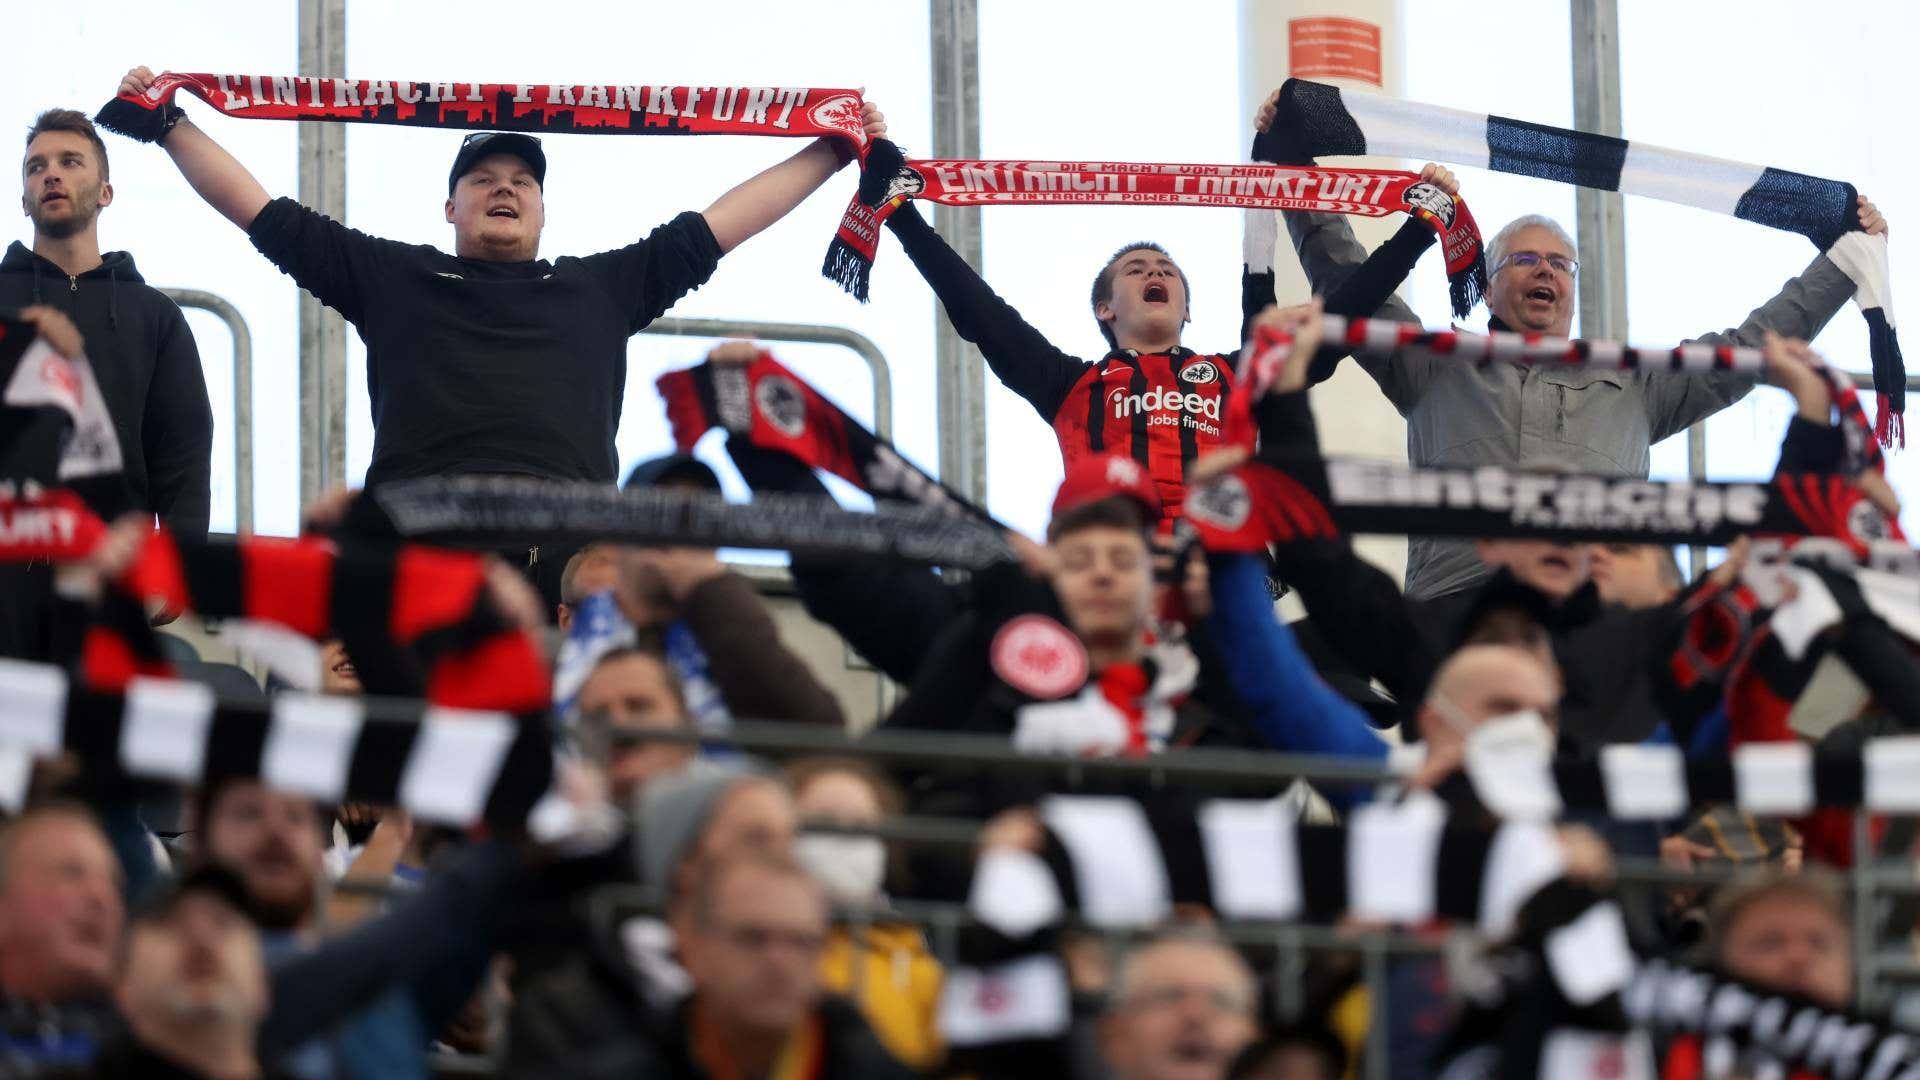 Eintracht Frankfurt vs. Olympiakos Piräus heute live: TV, LIVE-STREAM, Aufstellung - die Übertragung der Europa League | Goal.com